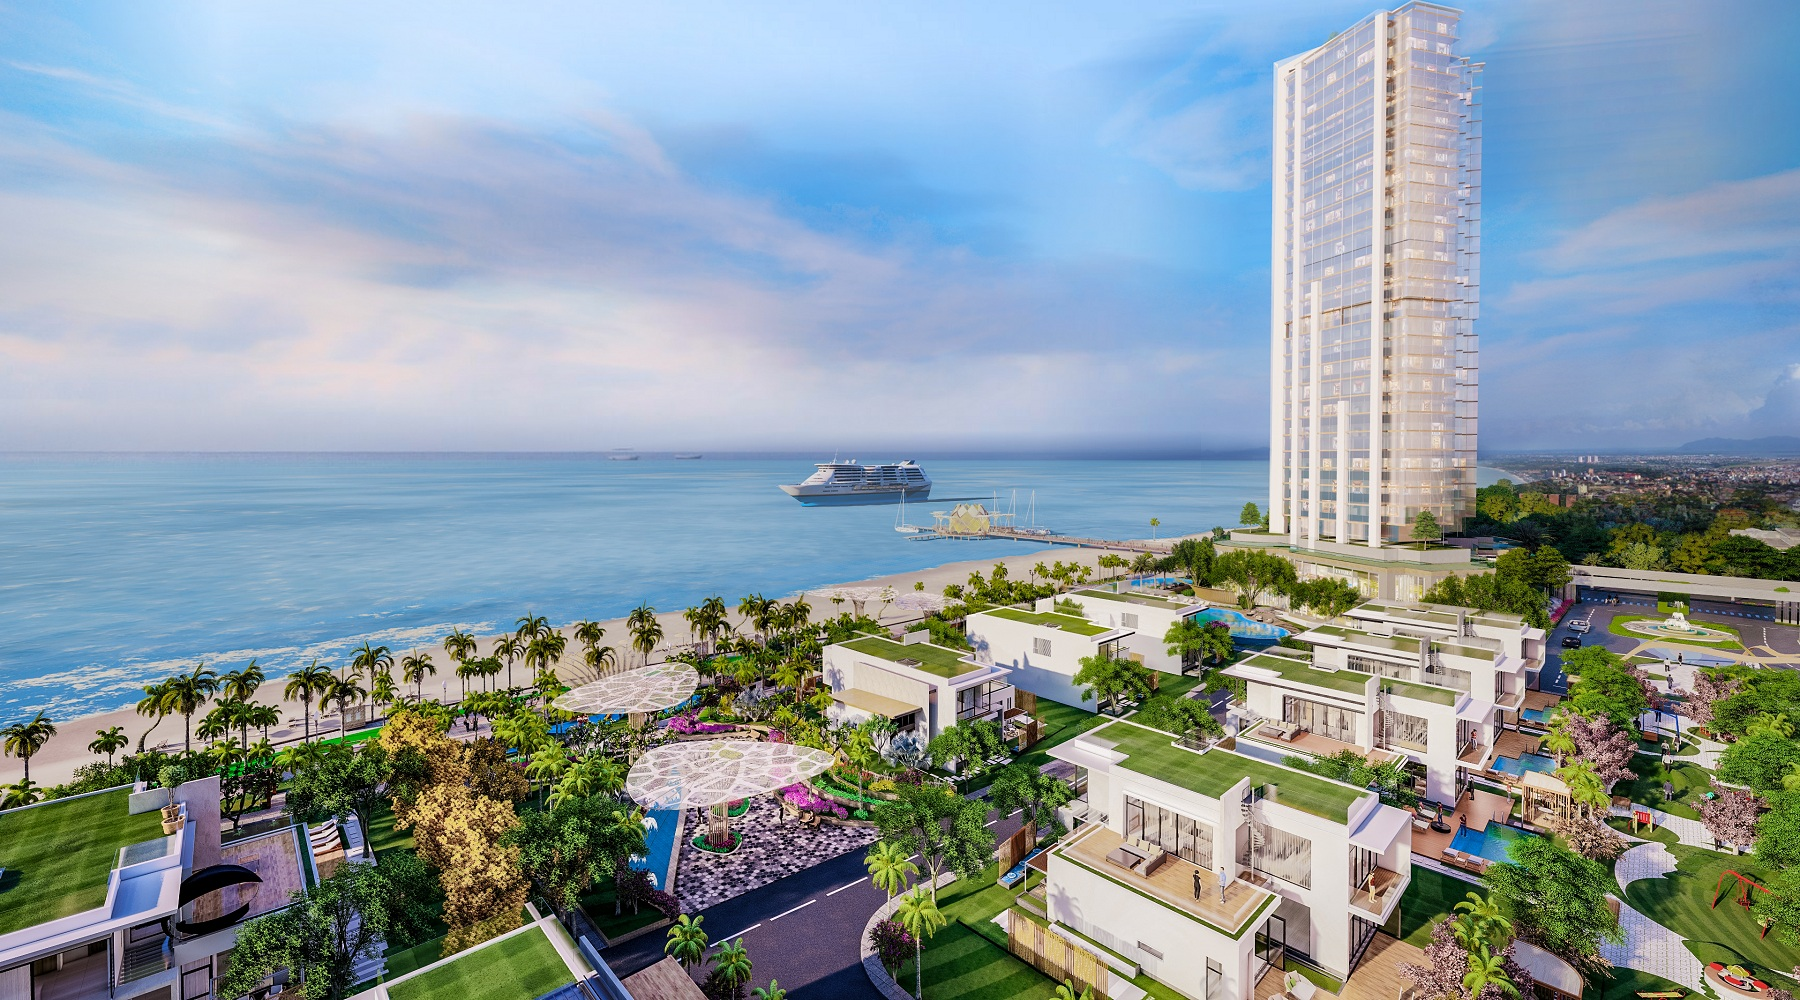 Aria Vũng Tàu Hotel & Resort: điểm nóng mới cho thị trường nghỉ dưỡng